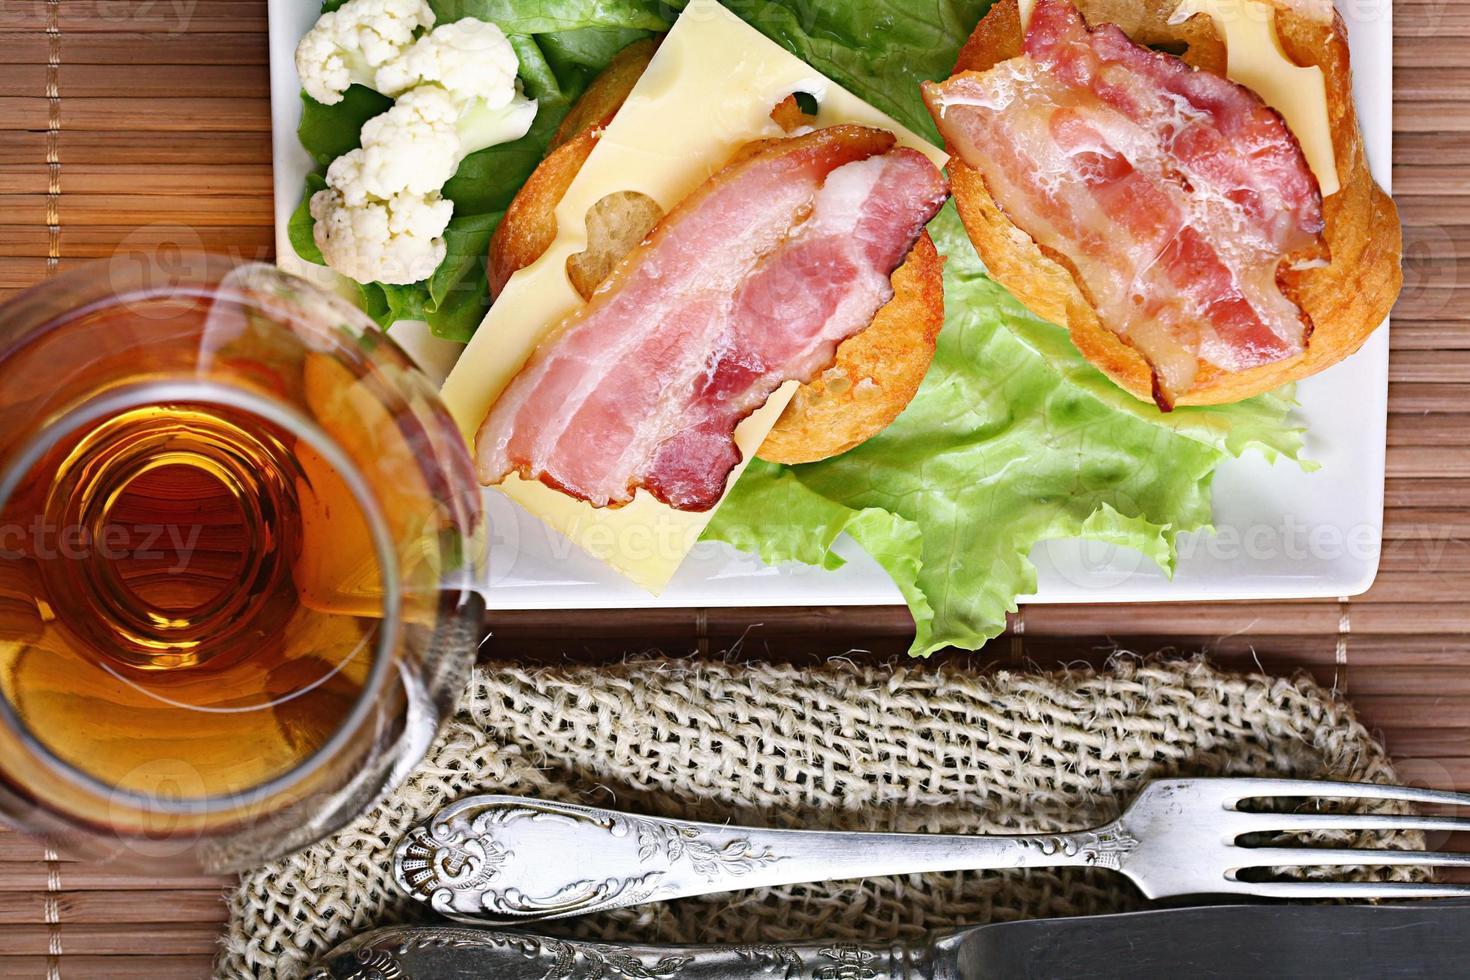 servindo torradas com bacon e ervas foto